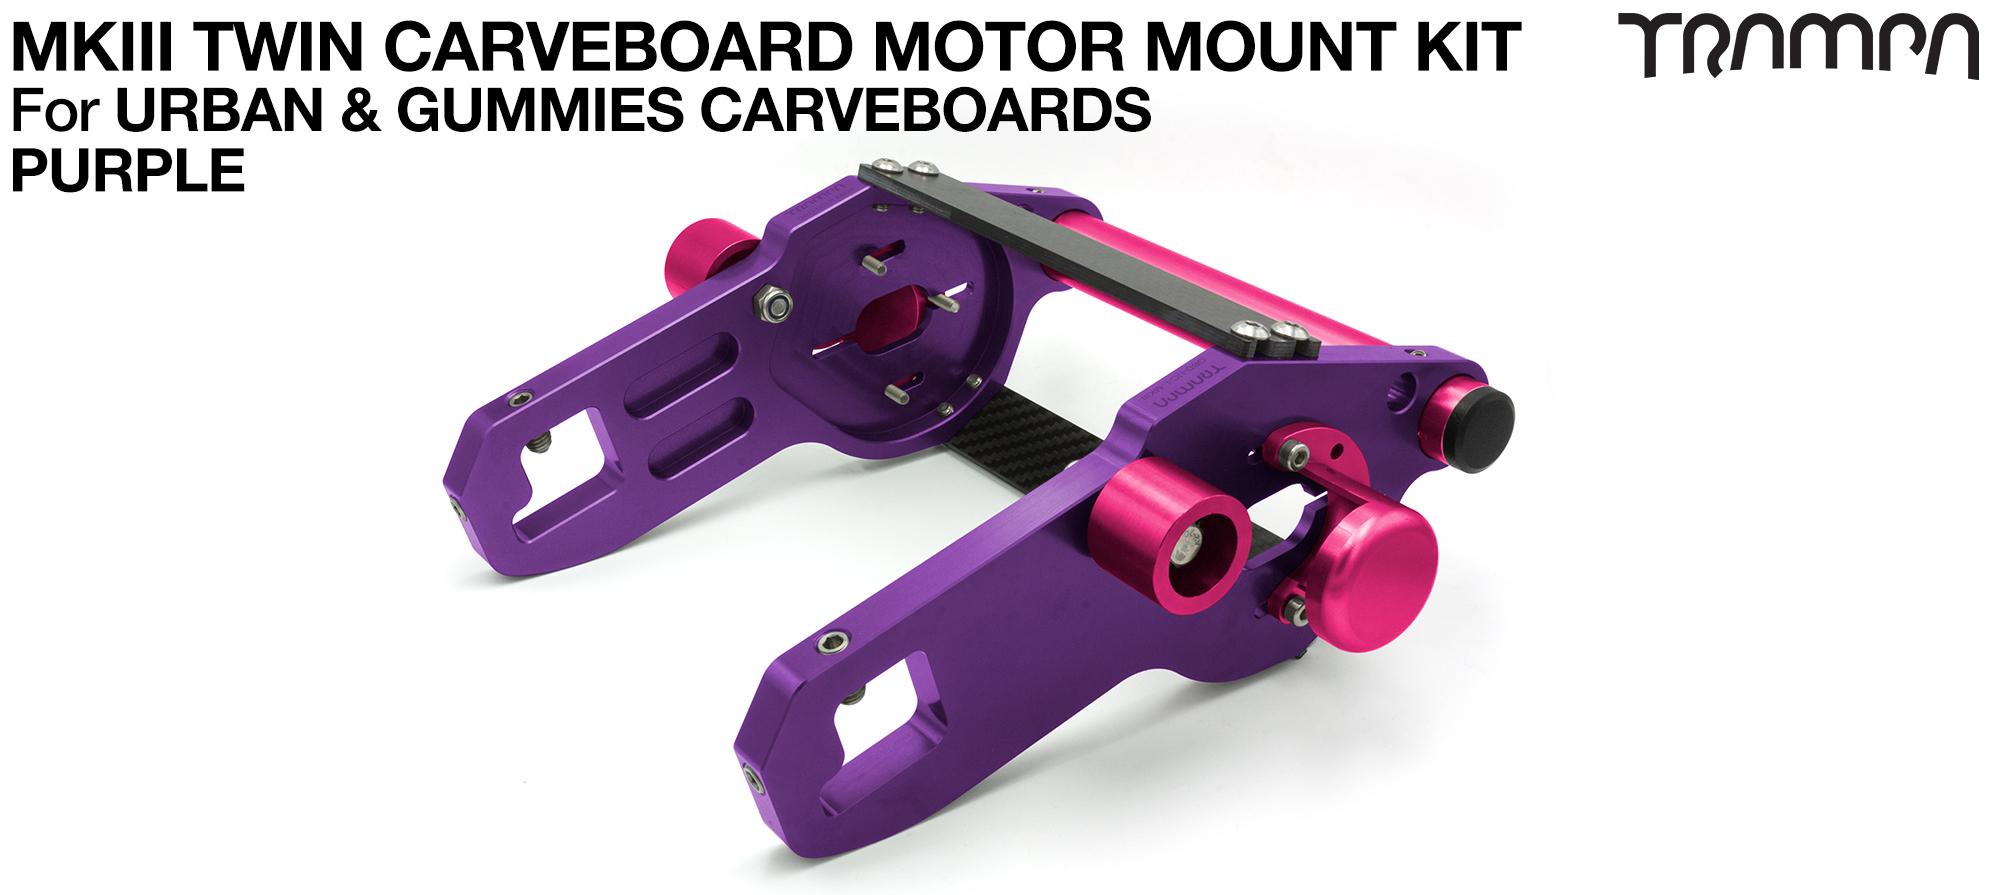 MkIII CARVE BOARD Motor Mount Kit - TWIN PURPLE